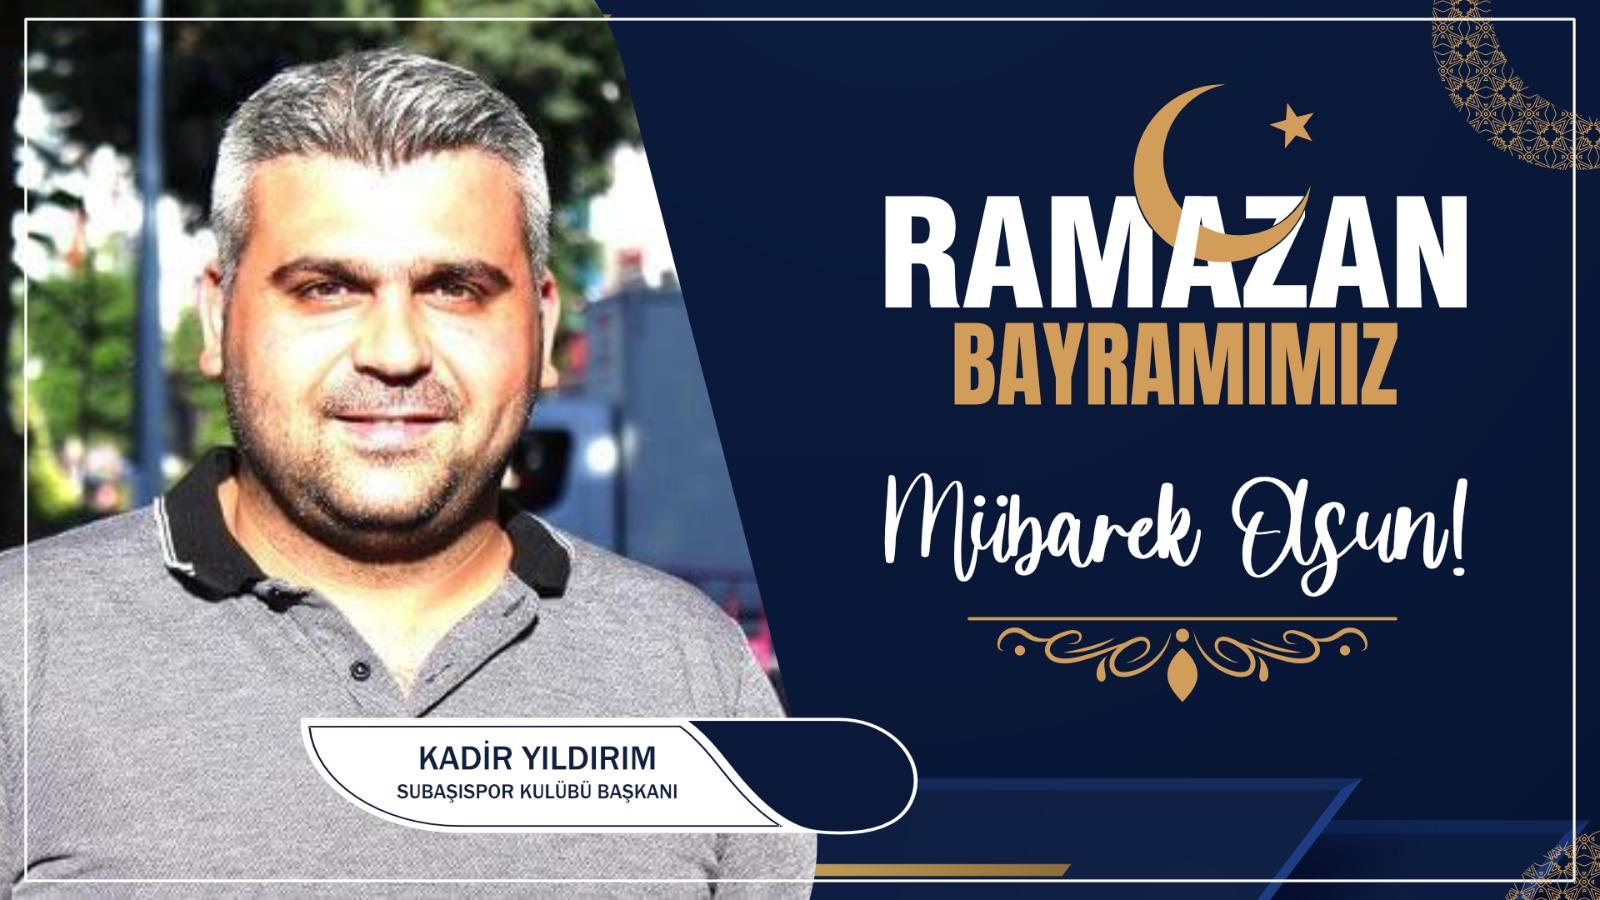 Kadir Yıldırım'dan Ramazan Bayramı Kutlama Mesajı